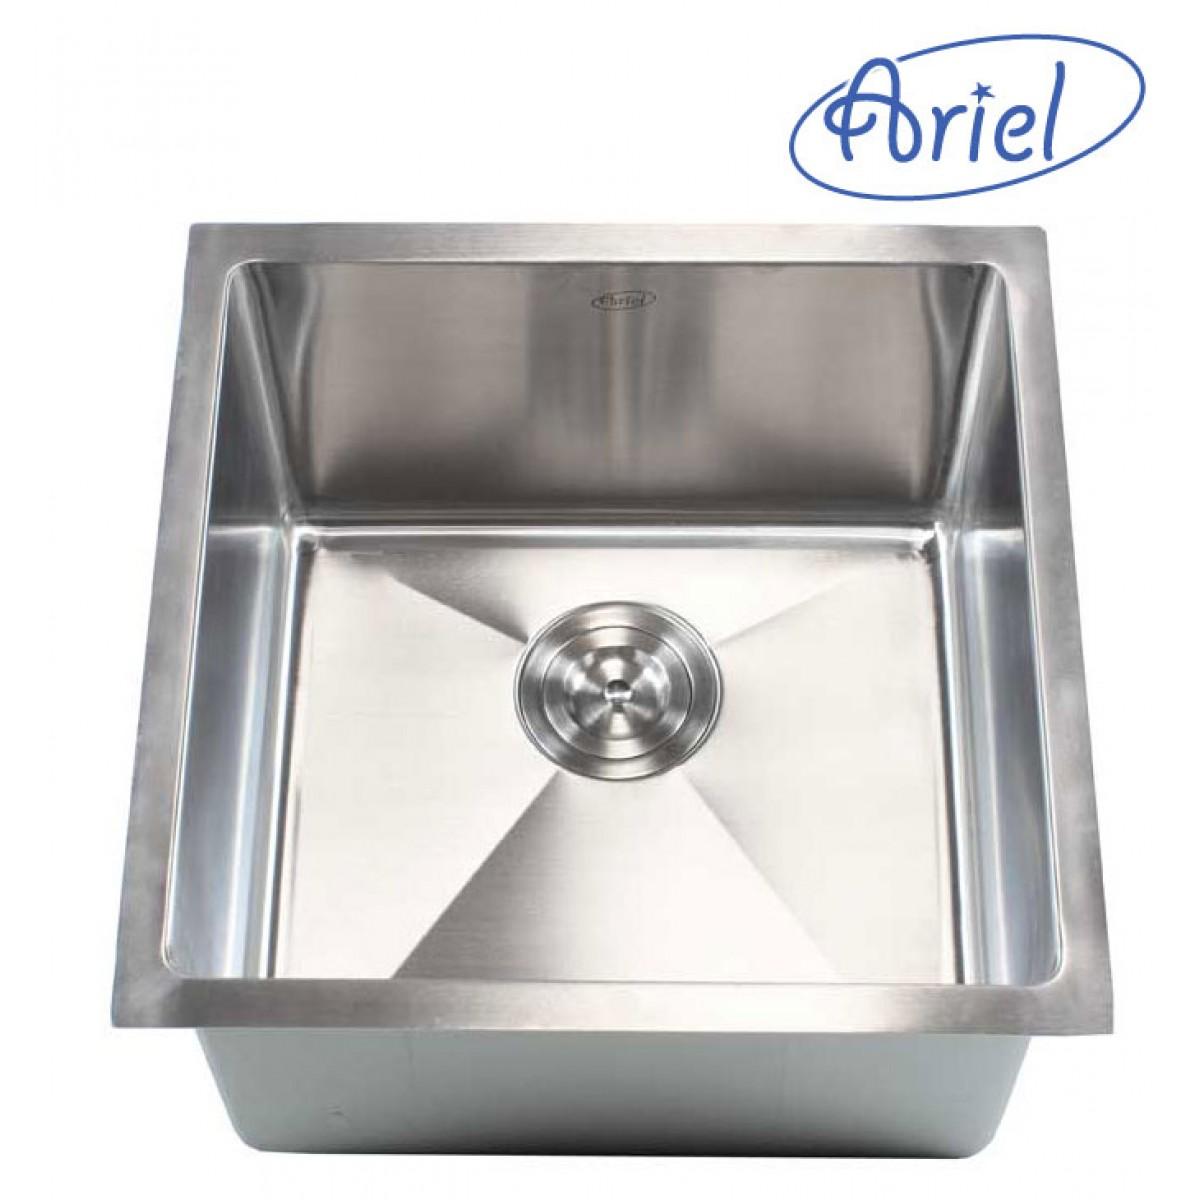 Ariel 18 Inch Stainless Steel Undermount Single Bowl Kitchen / Bar ...